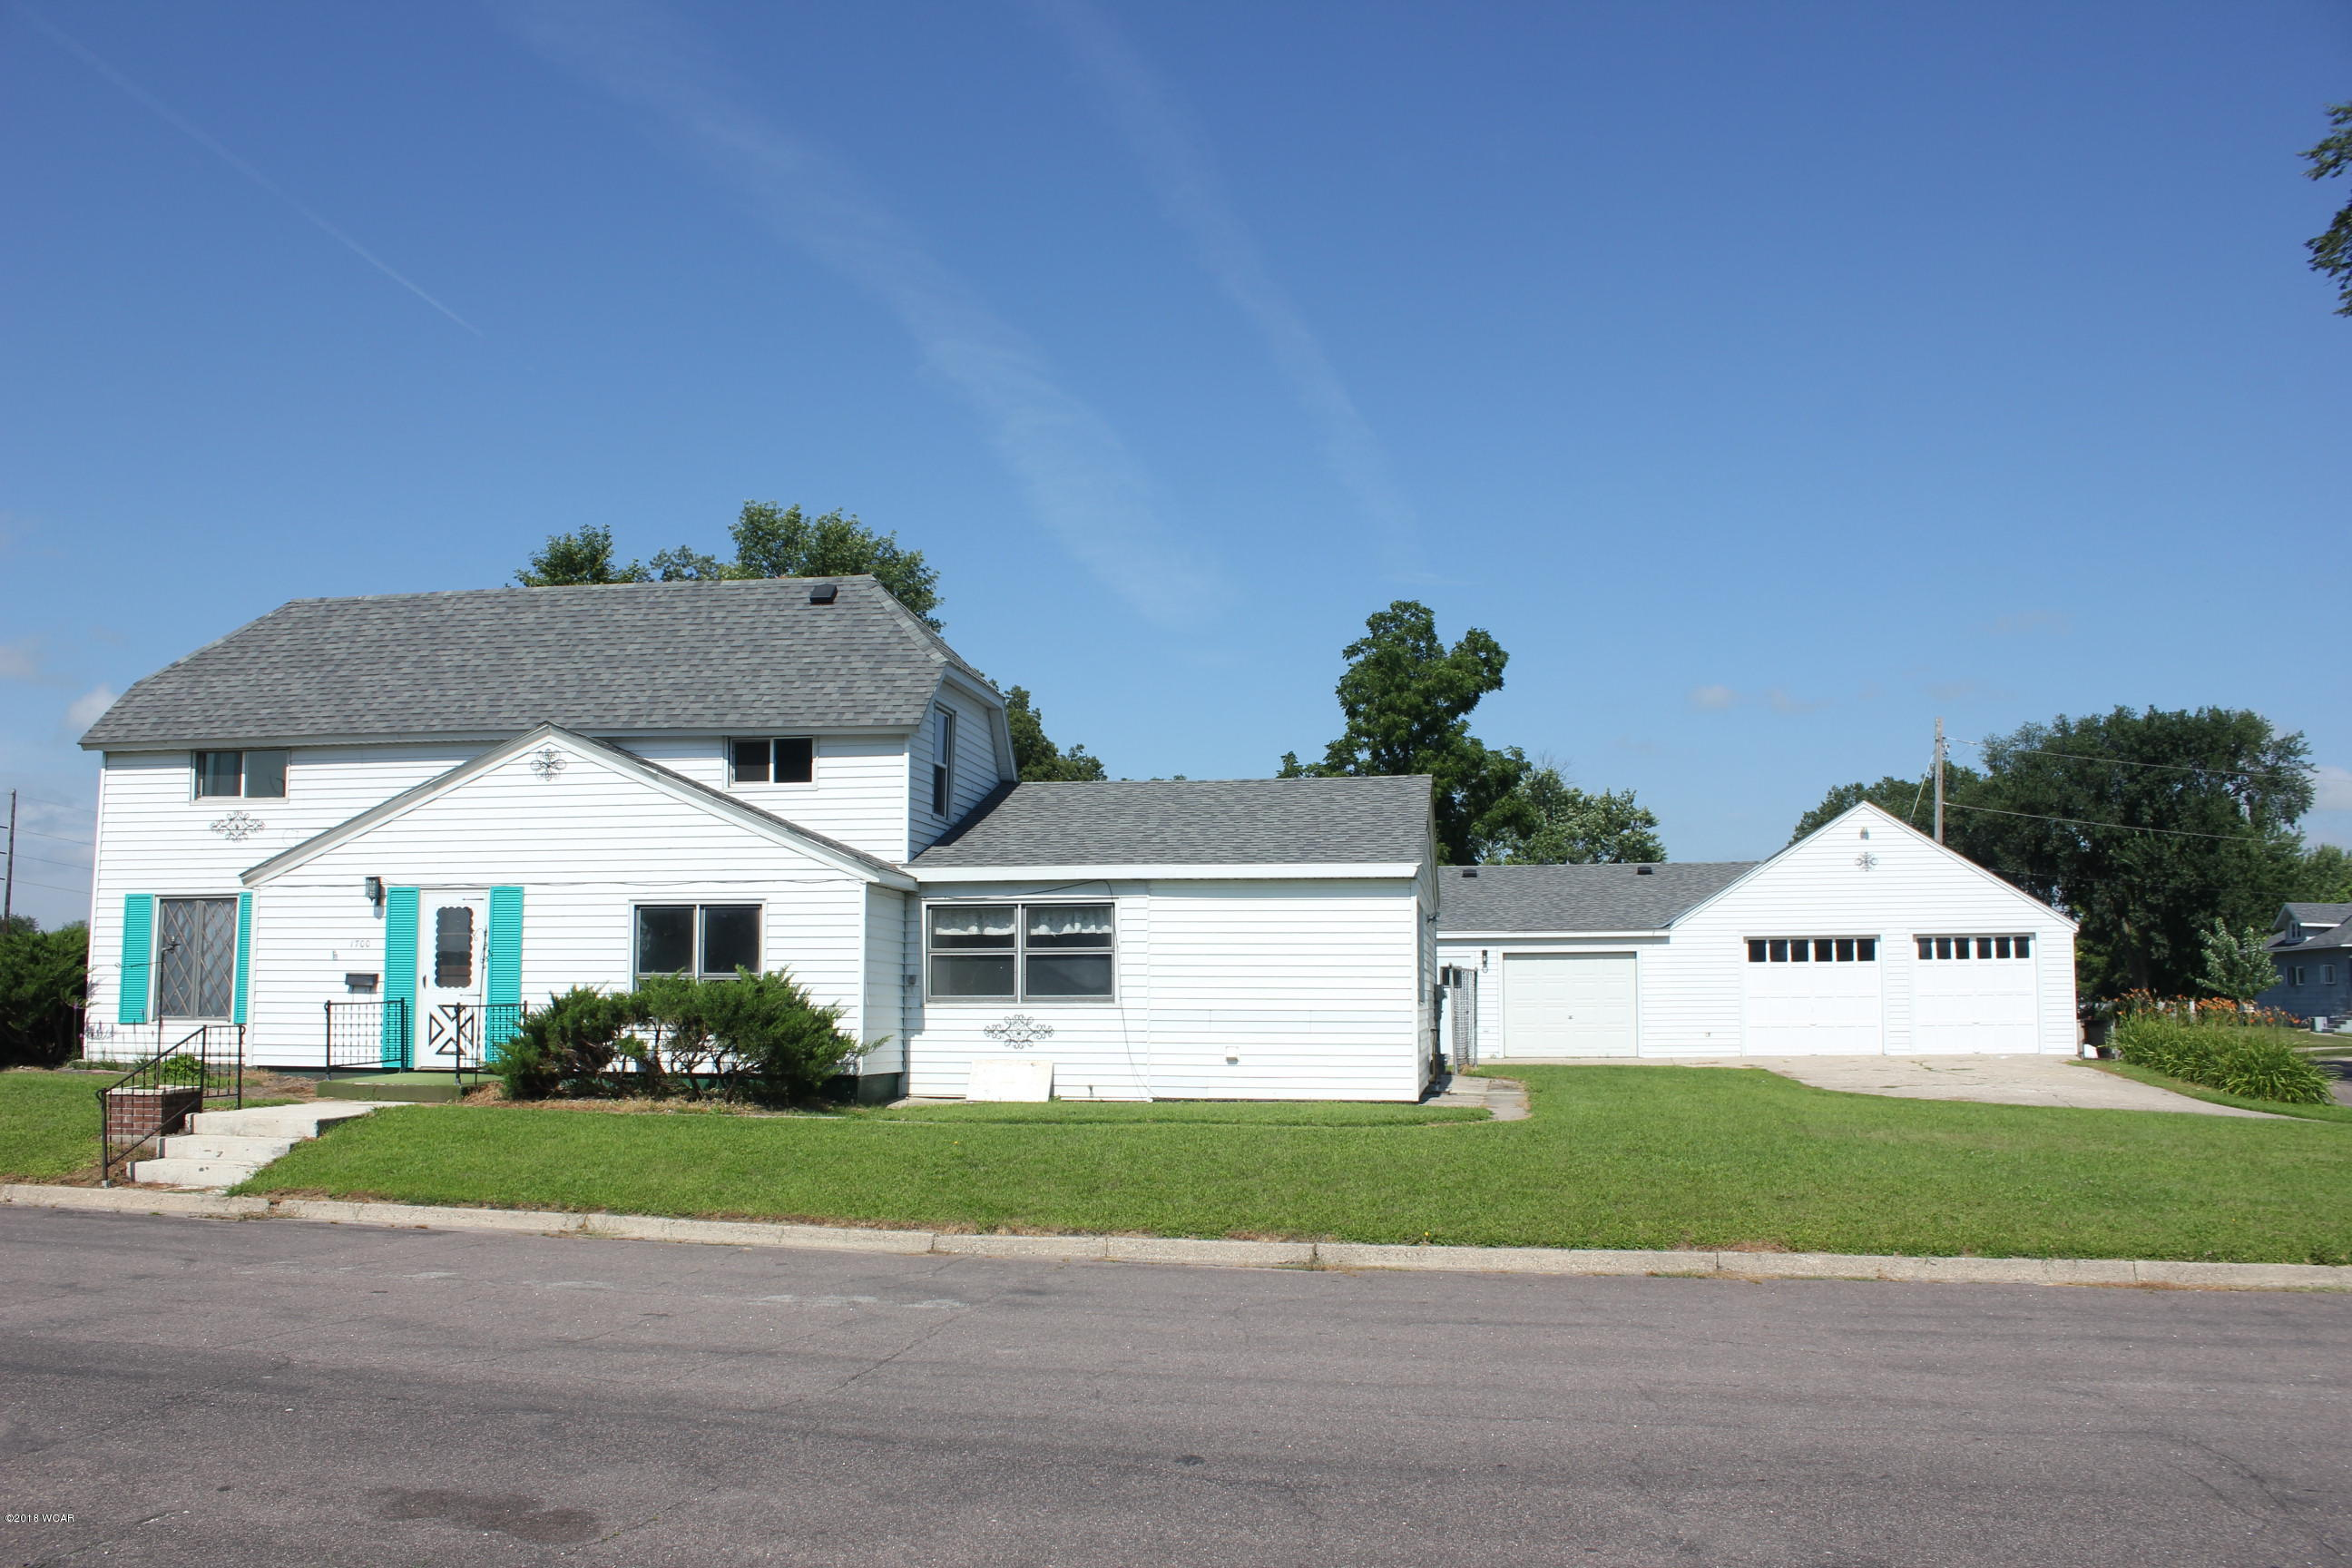 1700 Atlantic Avenue,Benson,3 Bedrooms Bedrooms,4 BathroomsBathrooms,Single Family,Atlantic Avenue,6031592